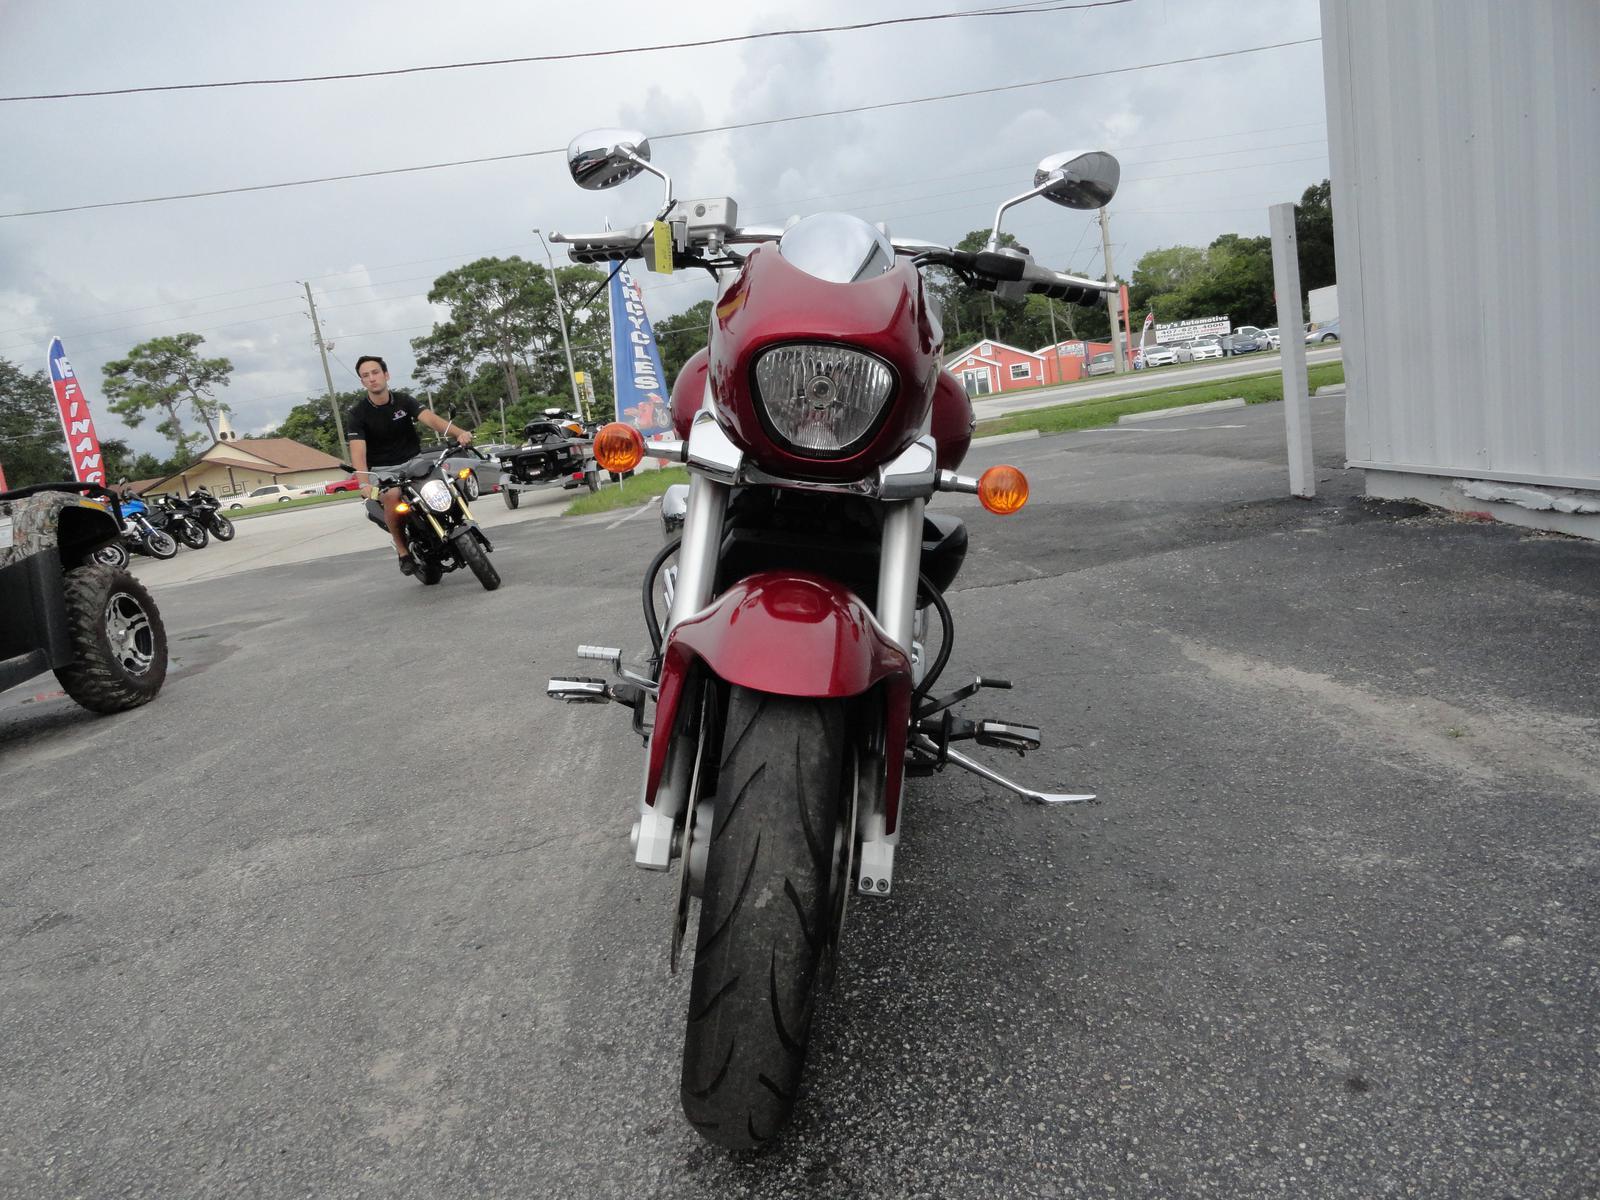 2009 Suzuki Boulevard M90